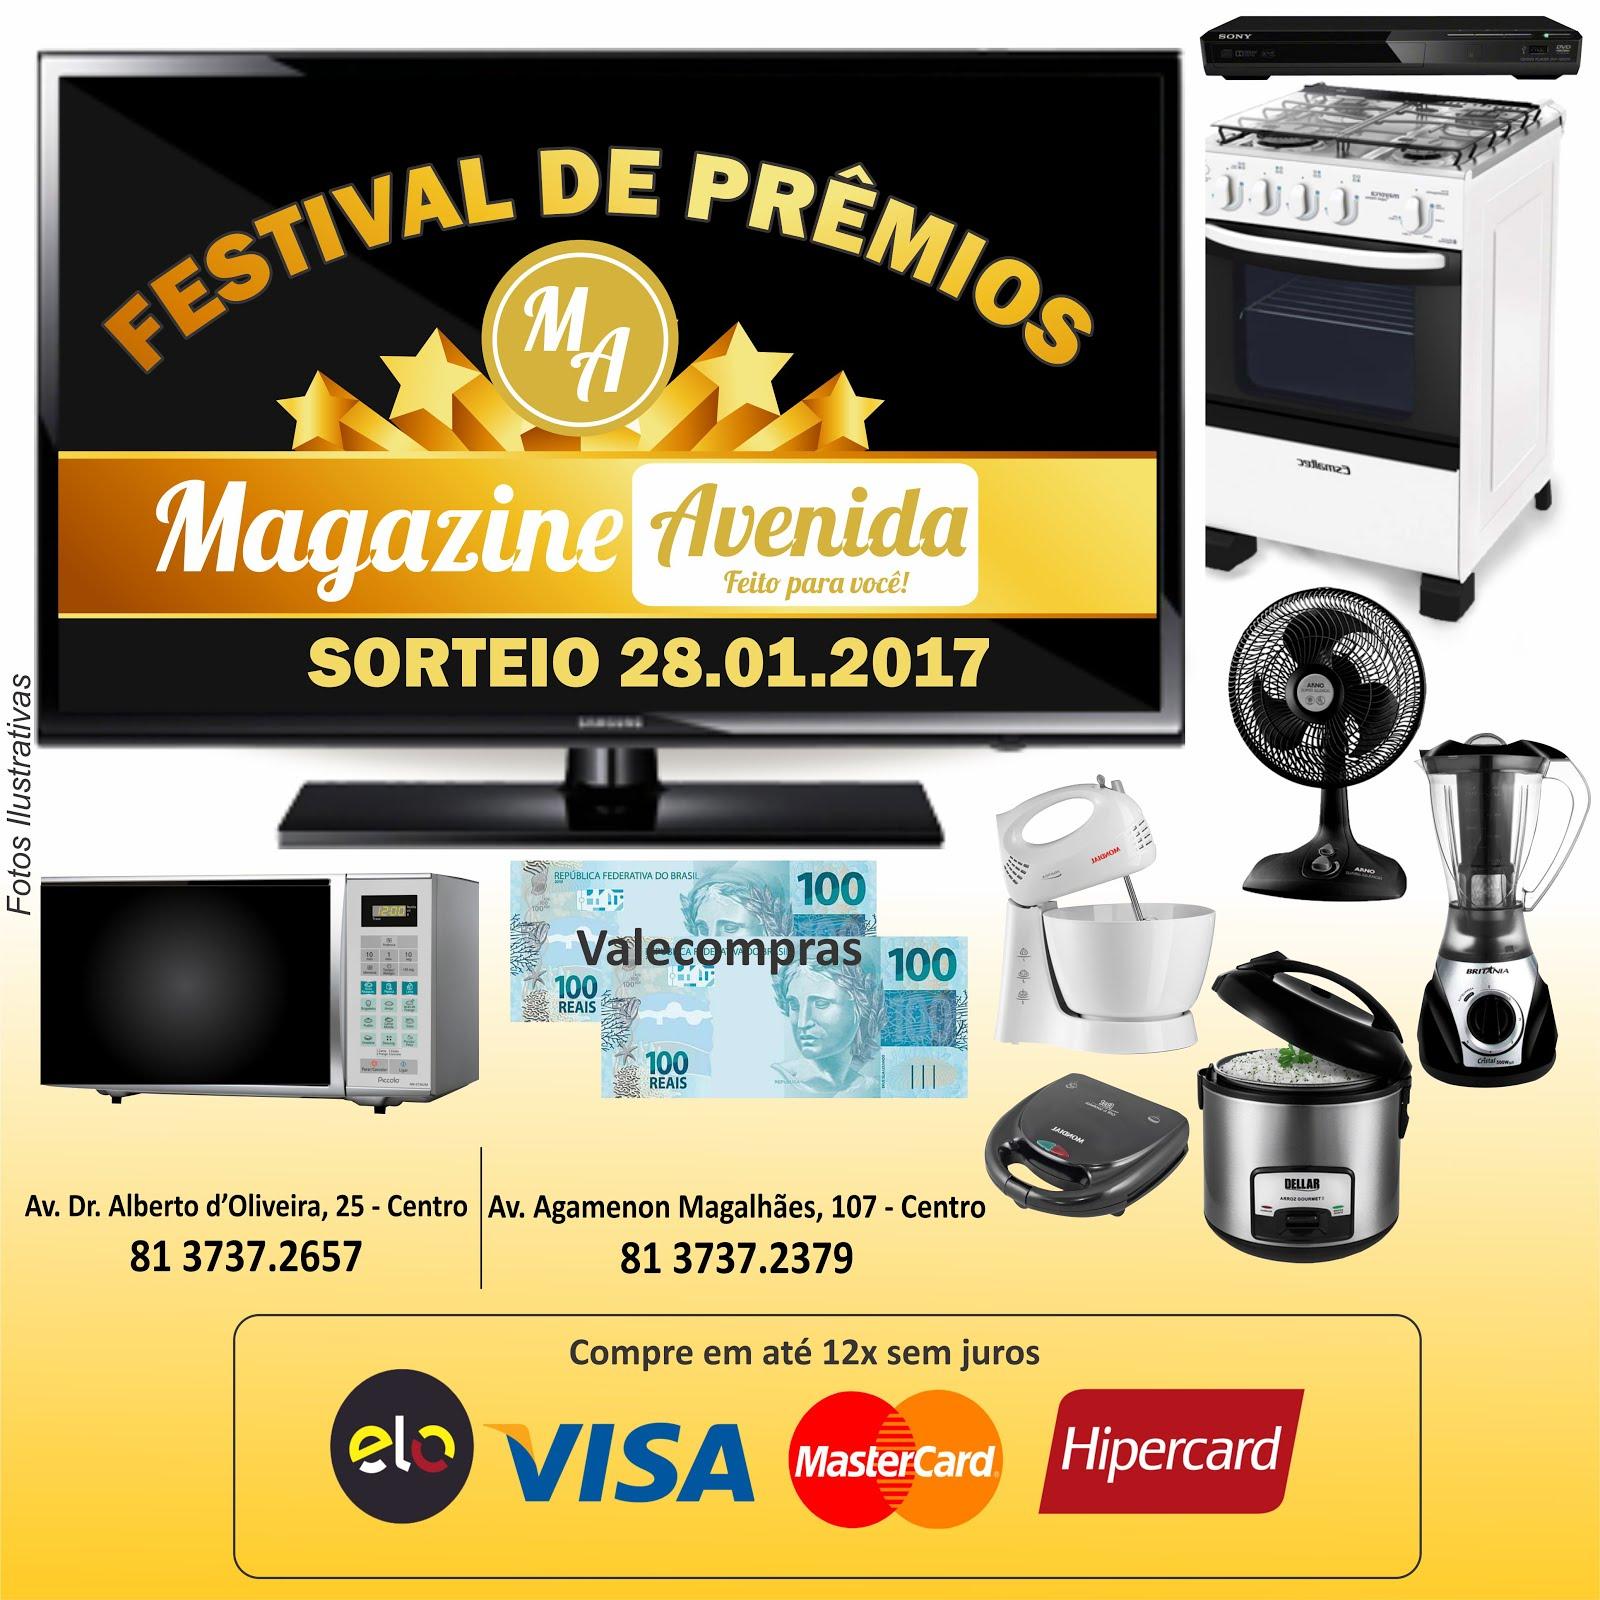 Festival de Prêmios Magazine Avenida